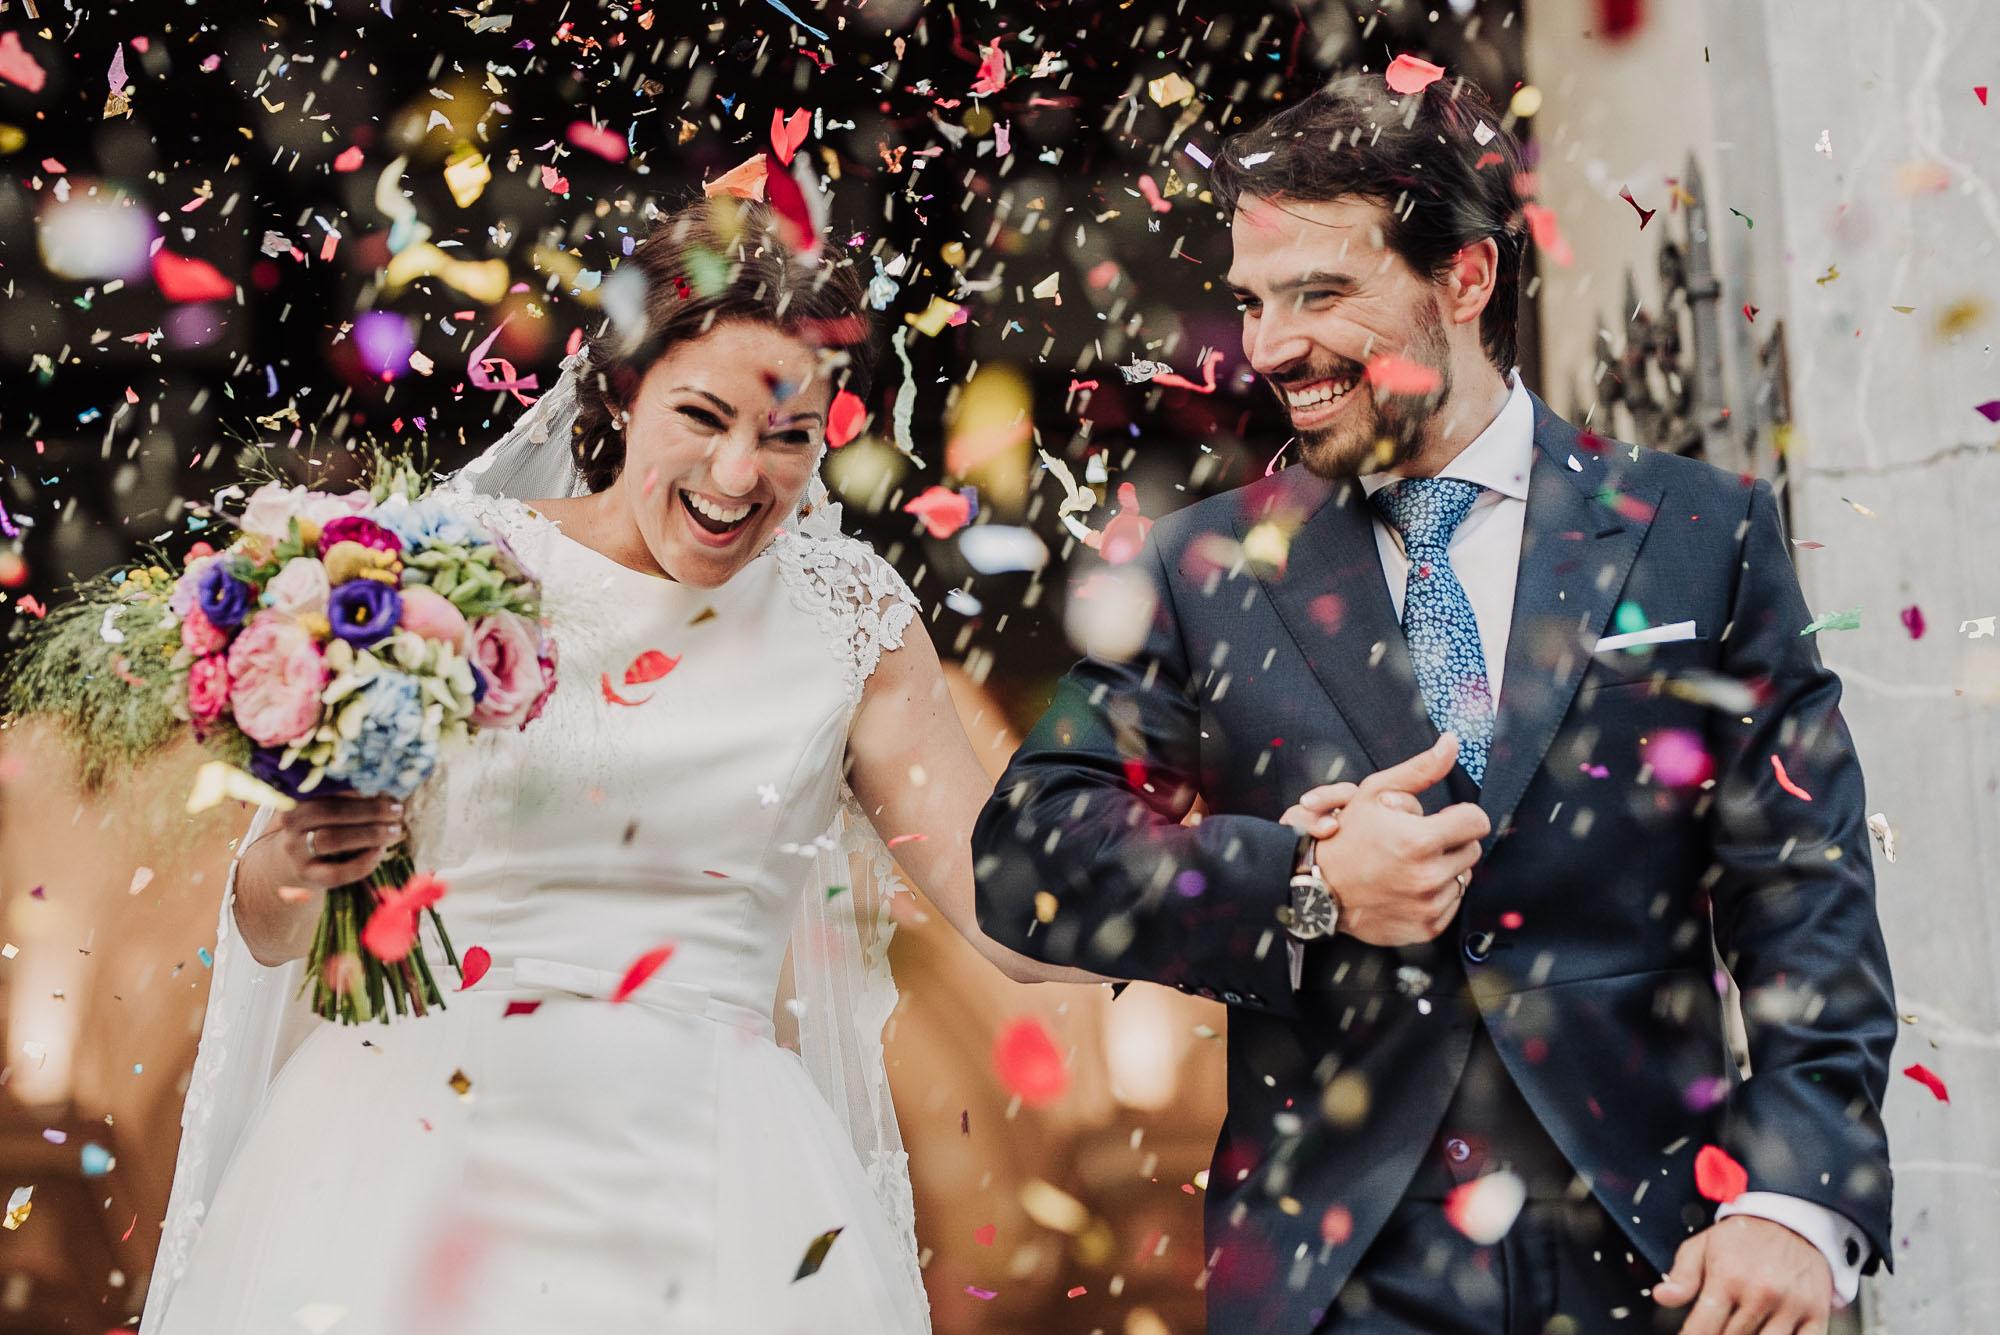 Boda Fatima y Pablo en Cortijo La Marquesa. Fran Menez fotografos boda granada Destacada